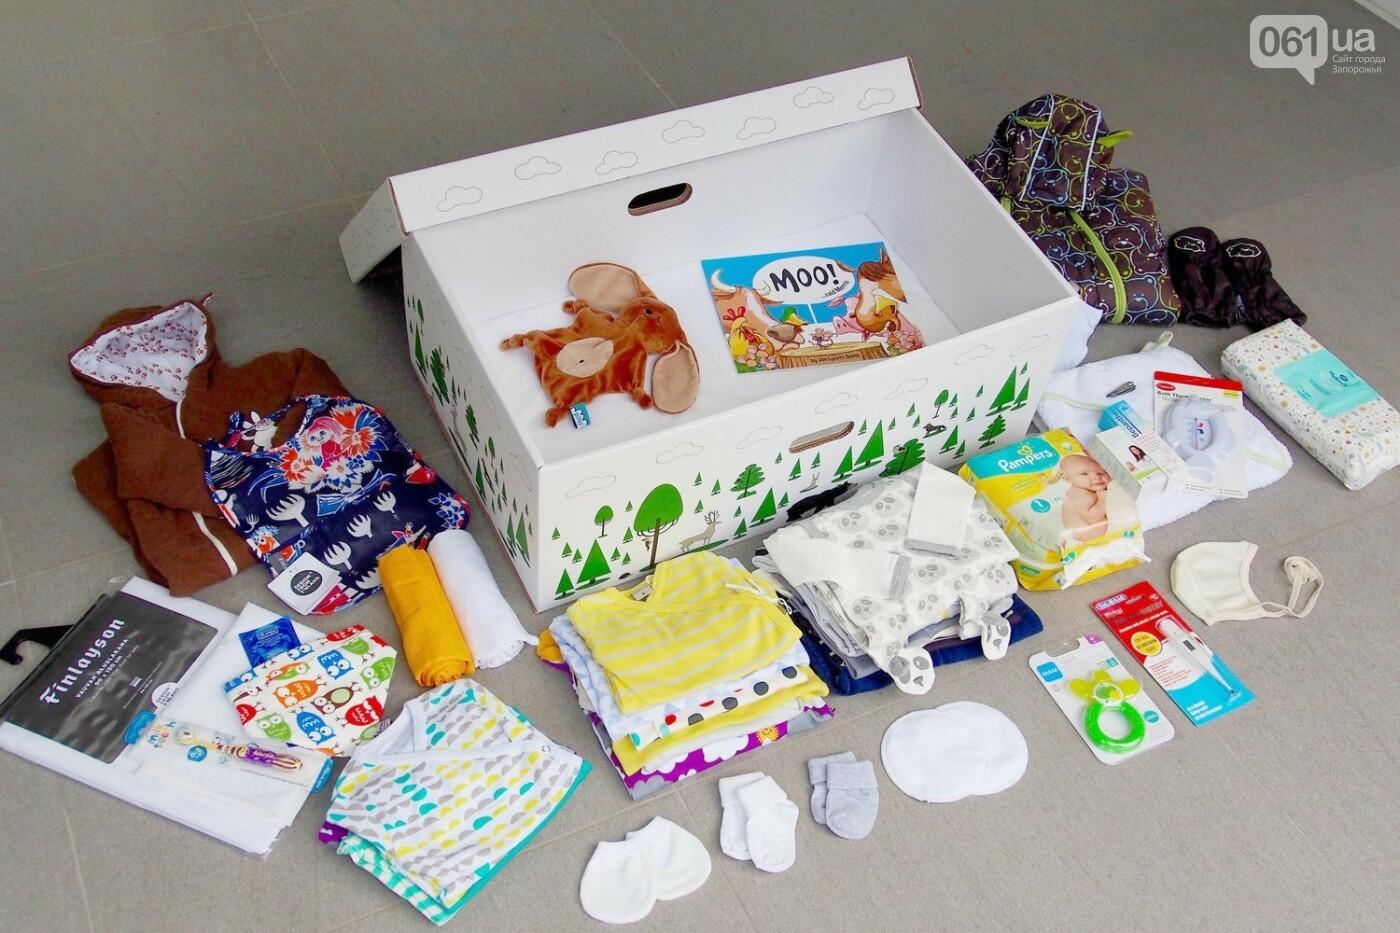 Как в Финляндии: запорожским мамам, кроме выплат, будут давать baby-box, фото-2